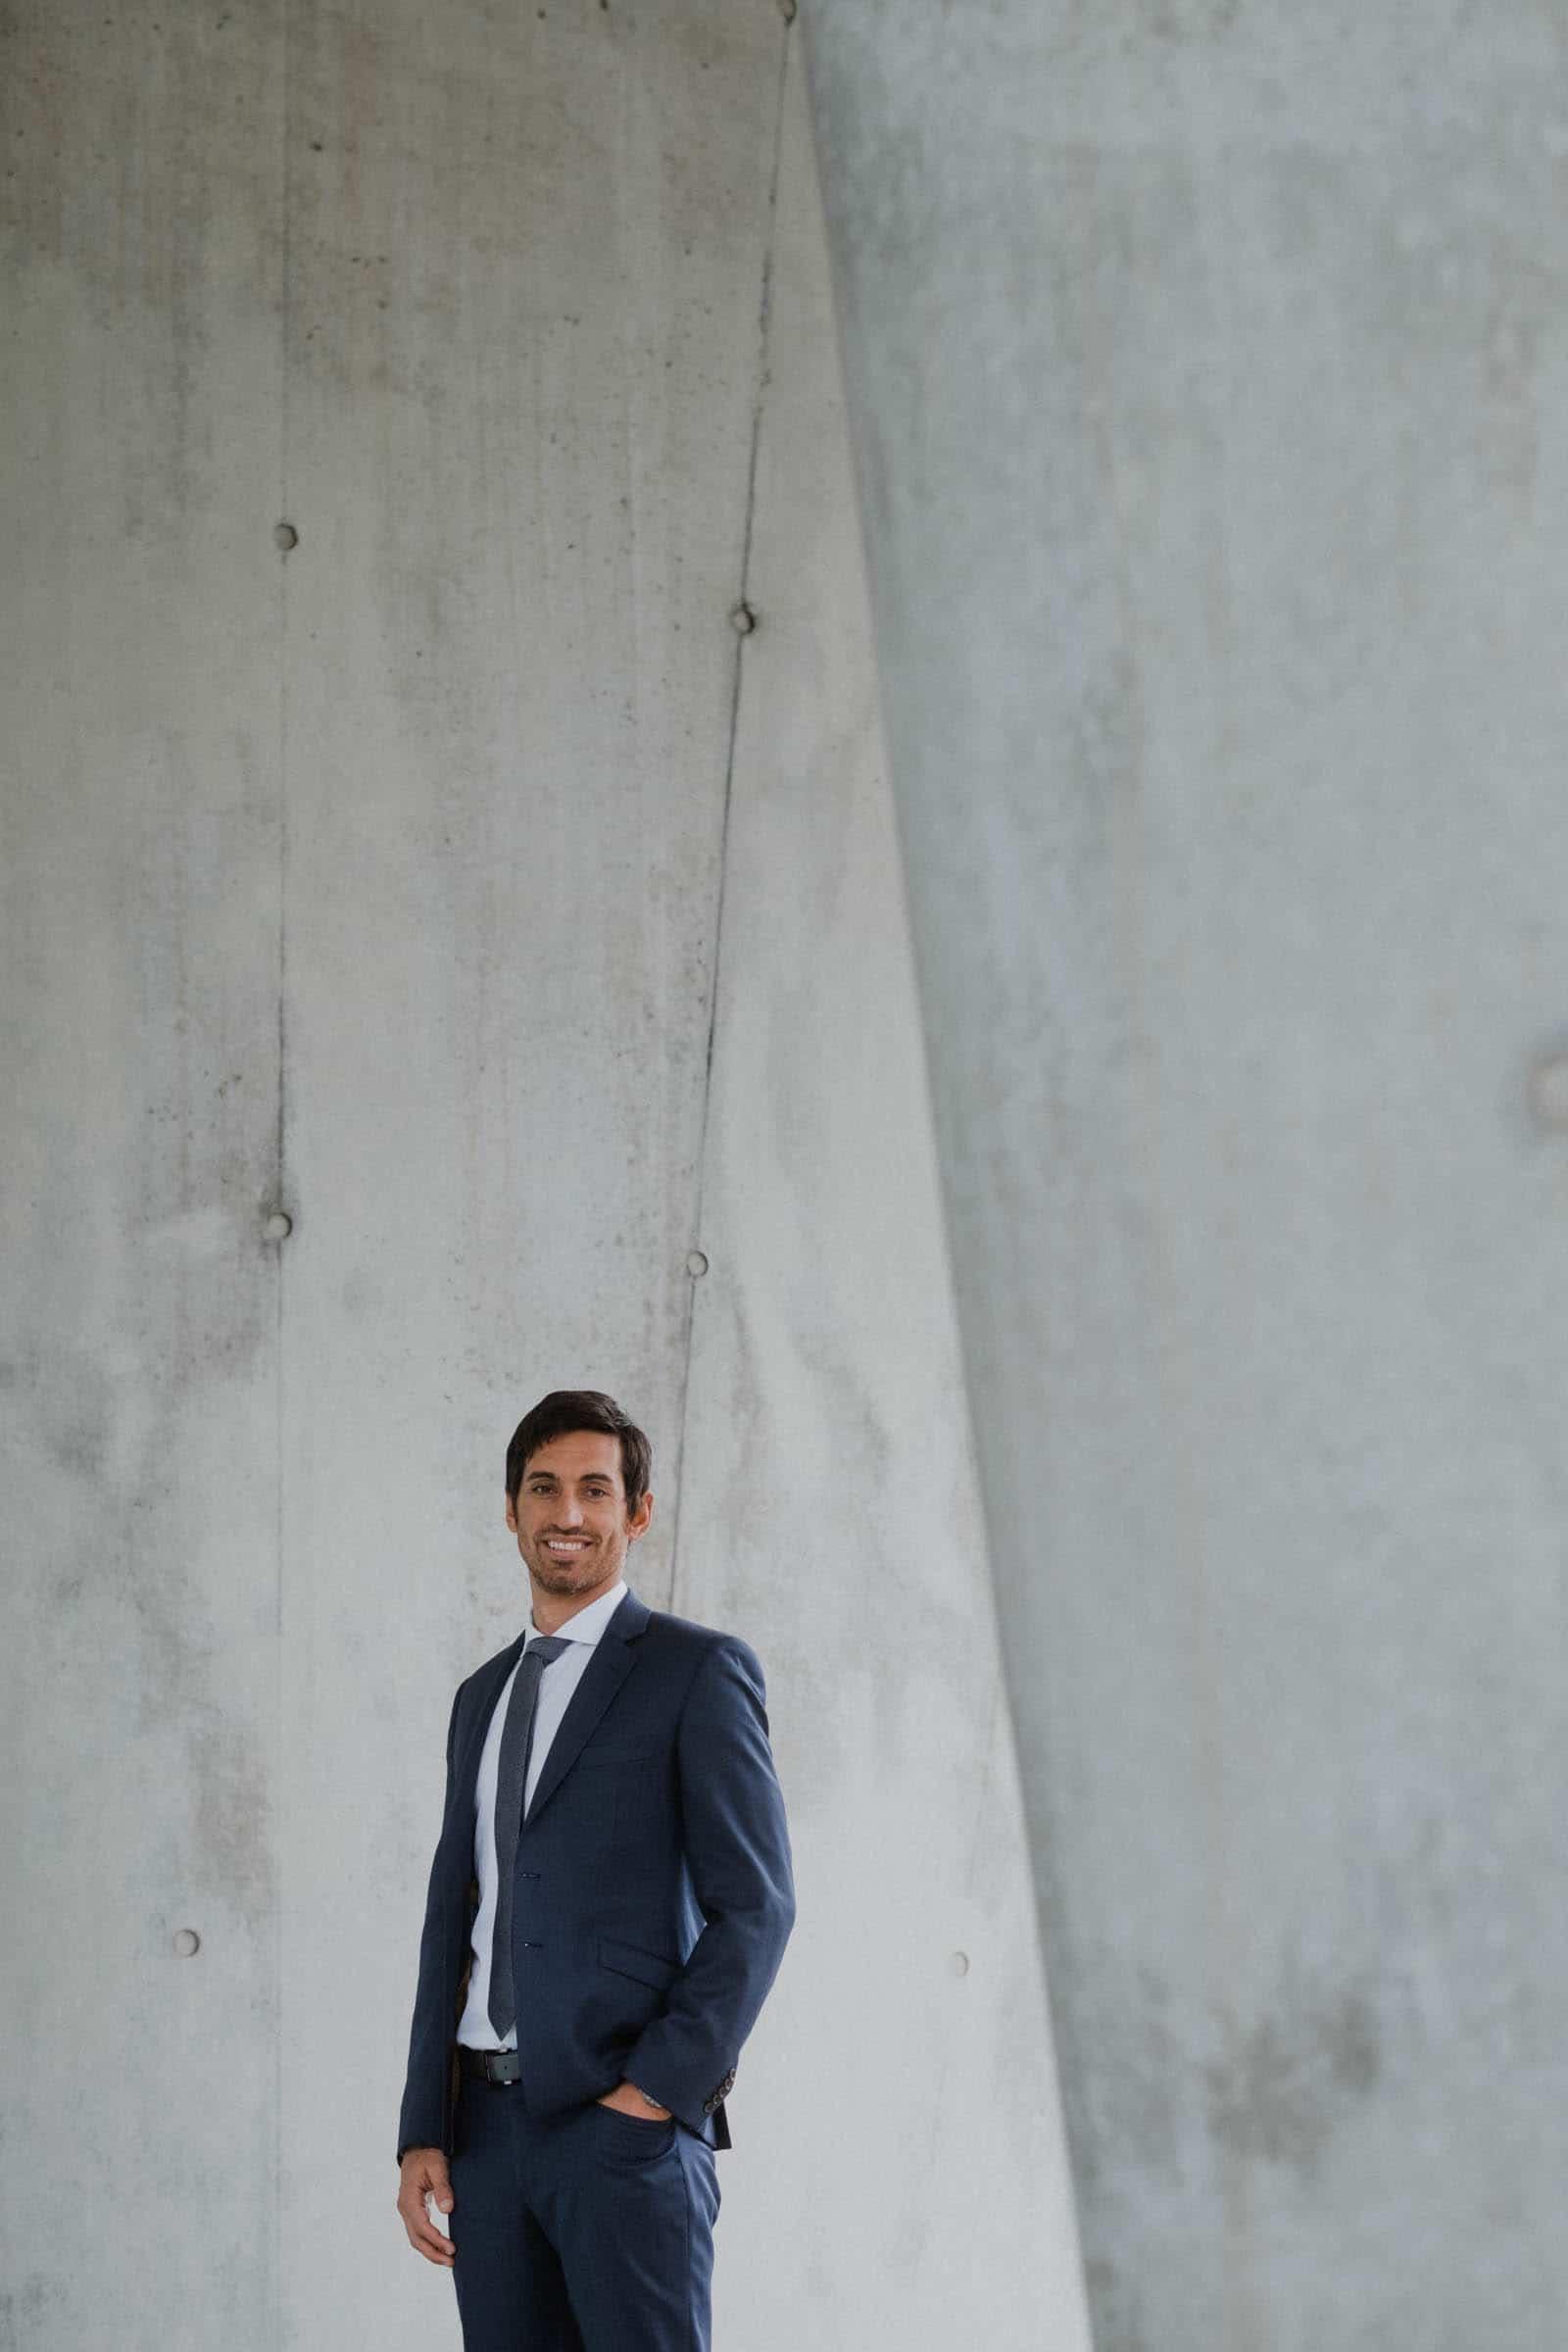 ein Mann, der einen Anzug und eine Krawatte trägt, steht vor einer hellen Betonwand, er hält eine Hand in seiner Hosentasch, er schaut direkt in die Kamera